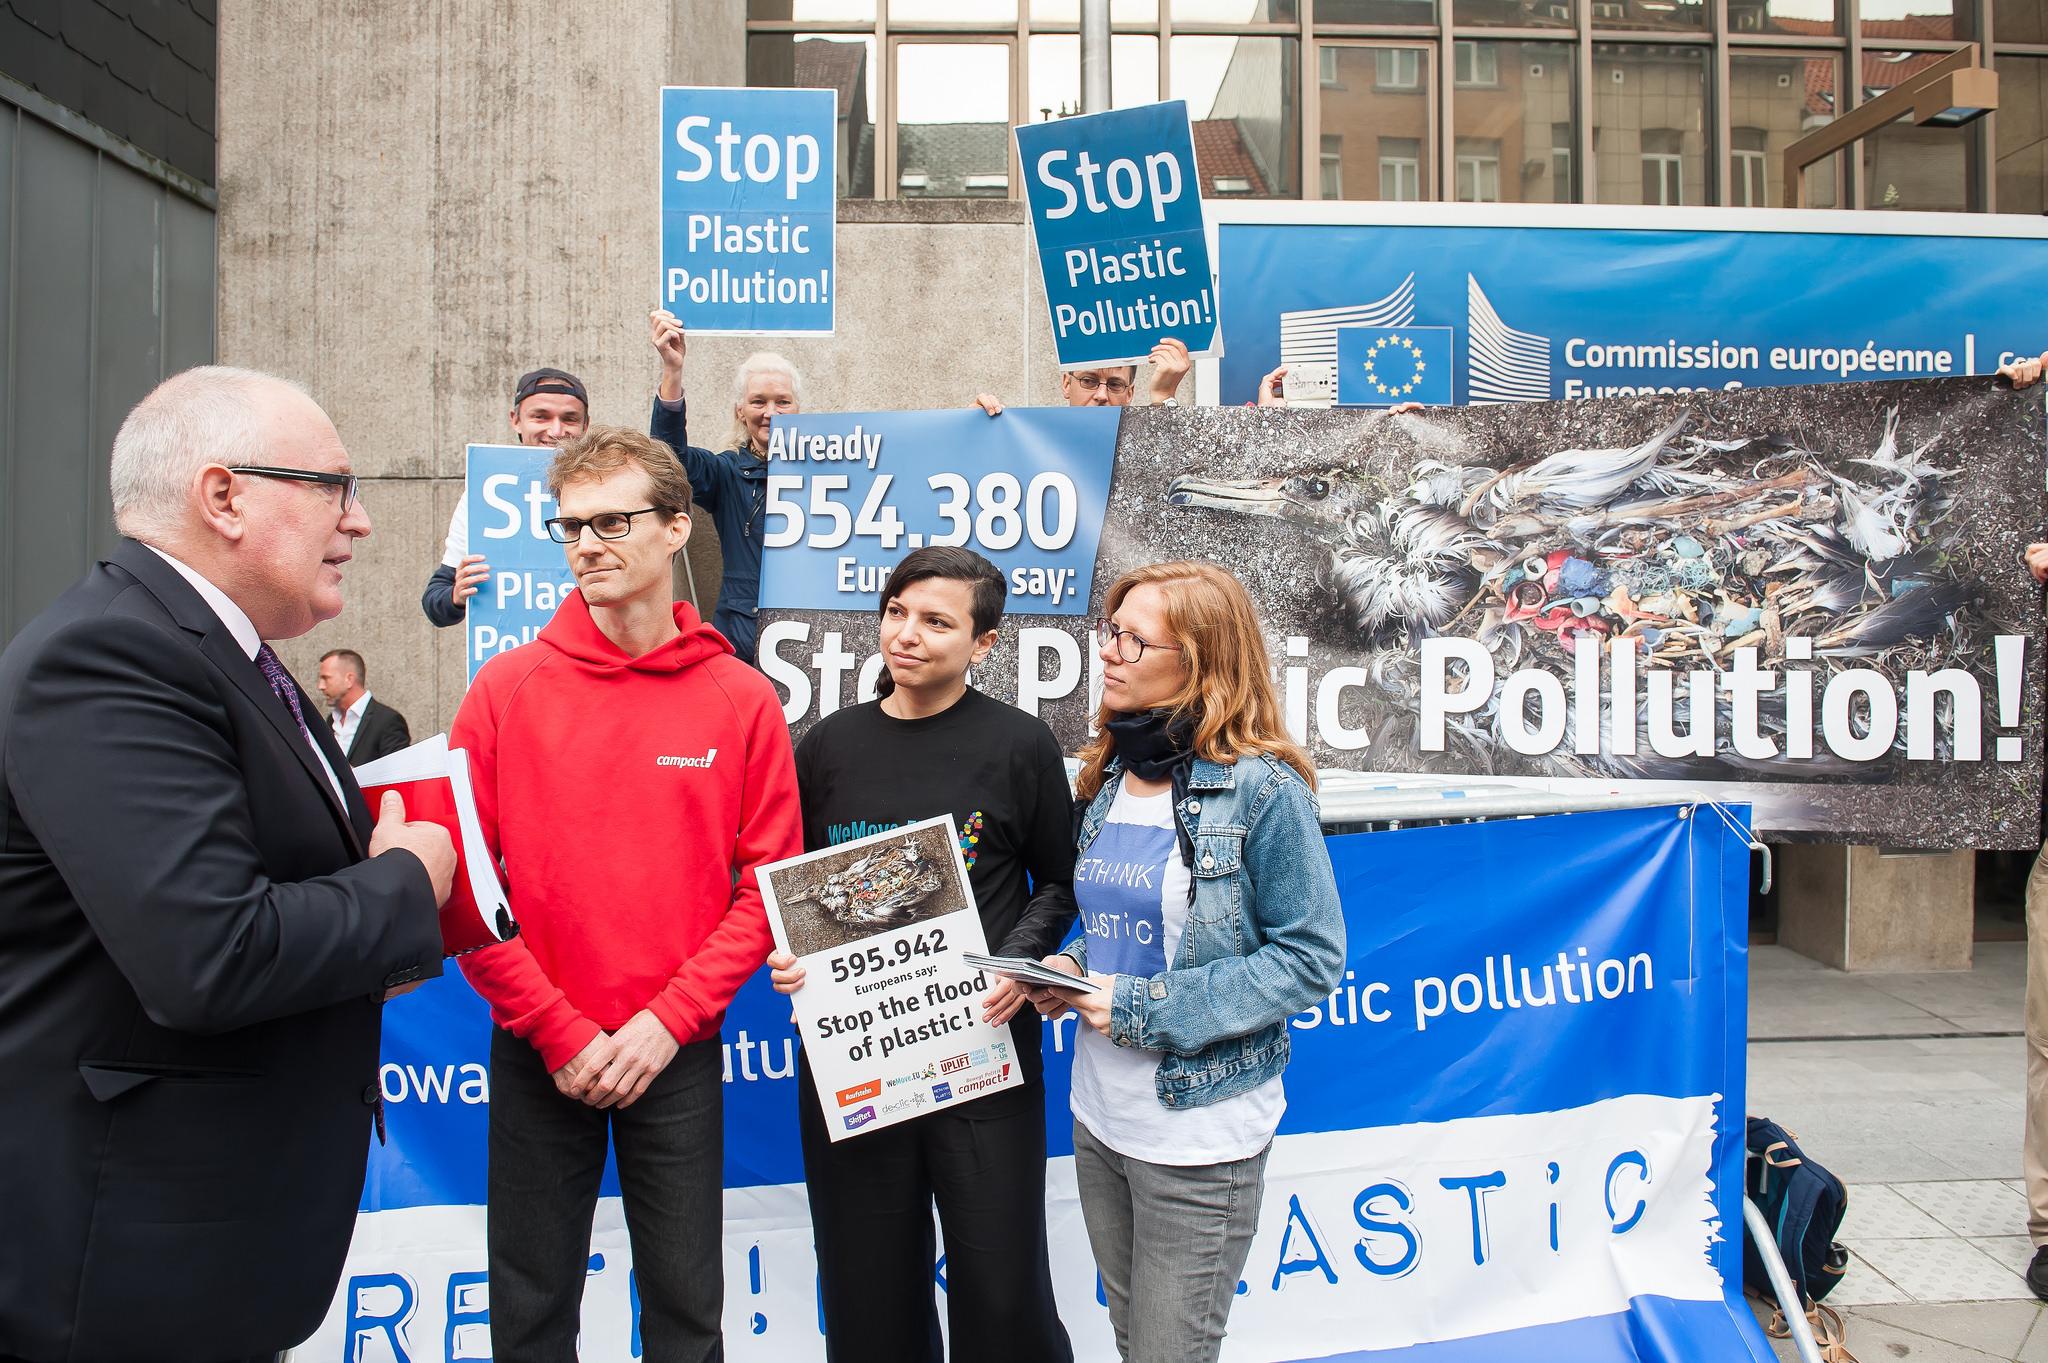 Treffen mit dem ersten Vizepräsidenten der EU-Kommission Timmermans zur Übergabe unserer Petition gegen Plastik